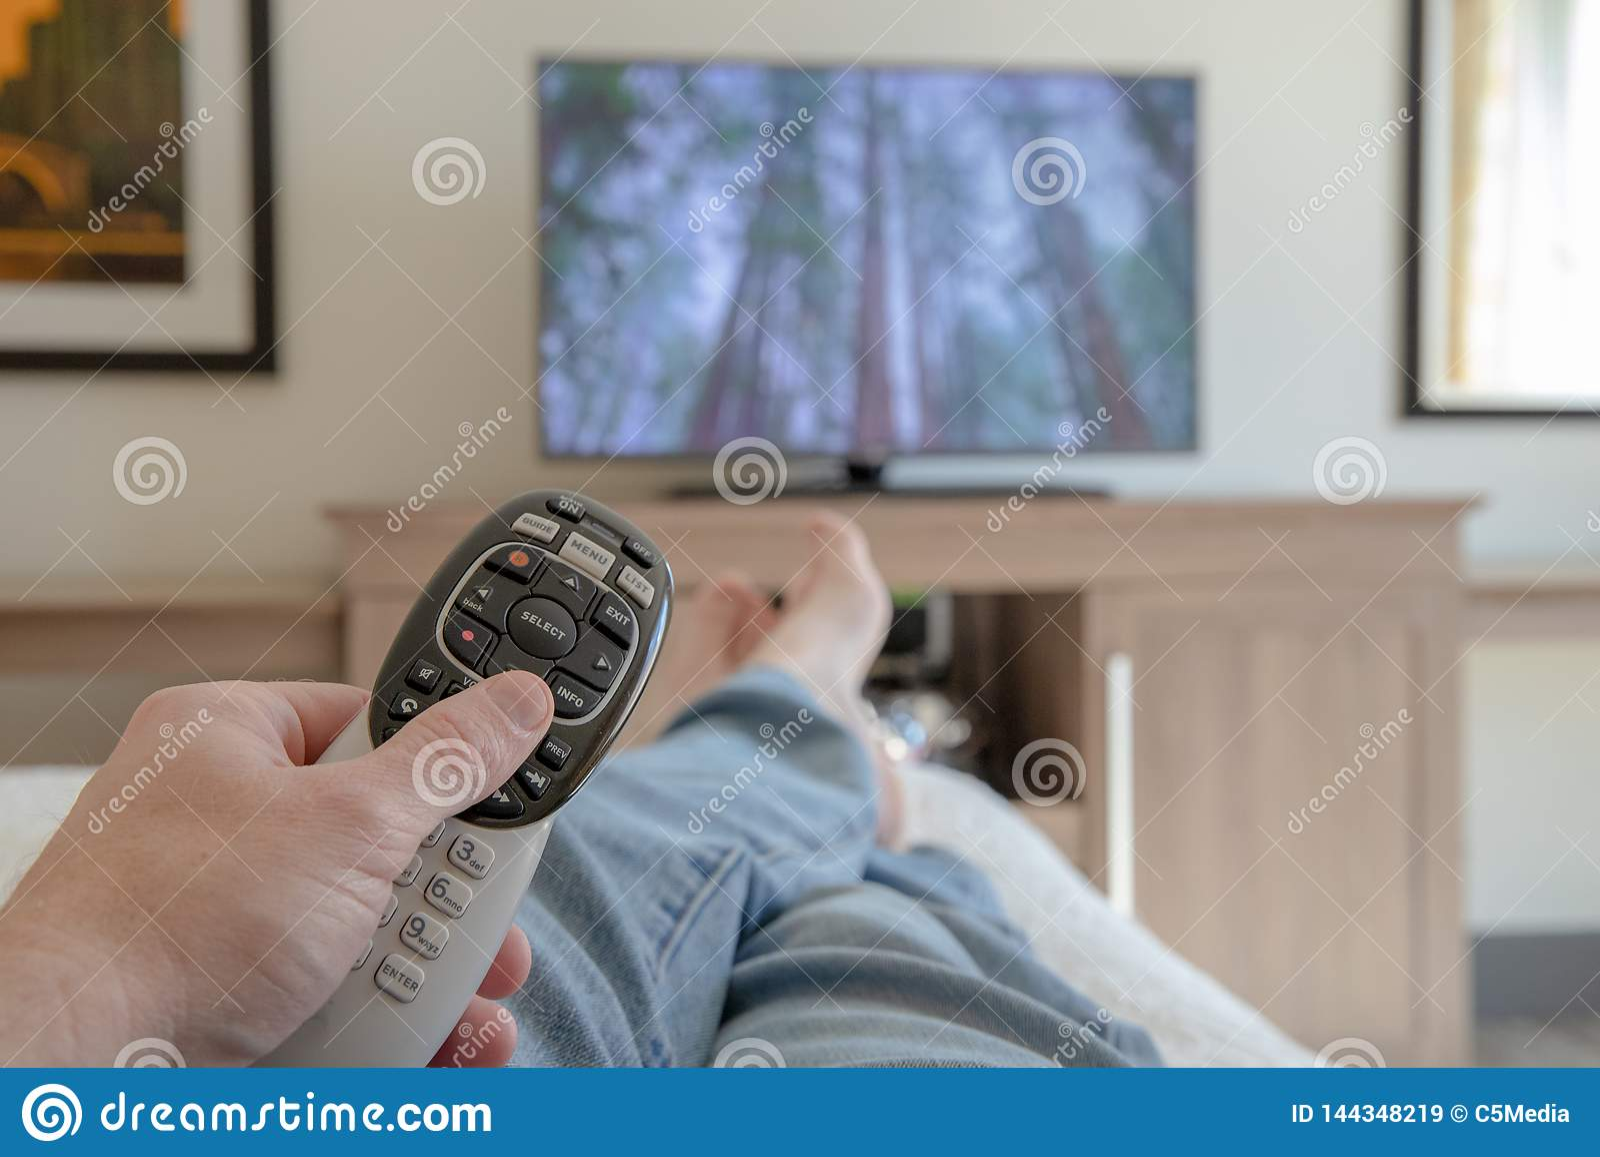 Mano che tiene telecomando per la TV mentre rilassandosi con i piedi propped - su profondità di campo bassa